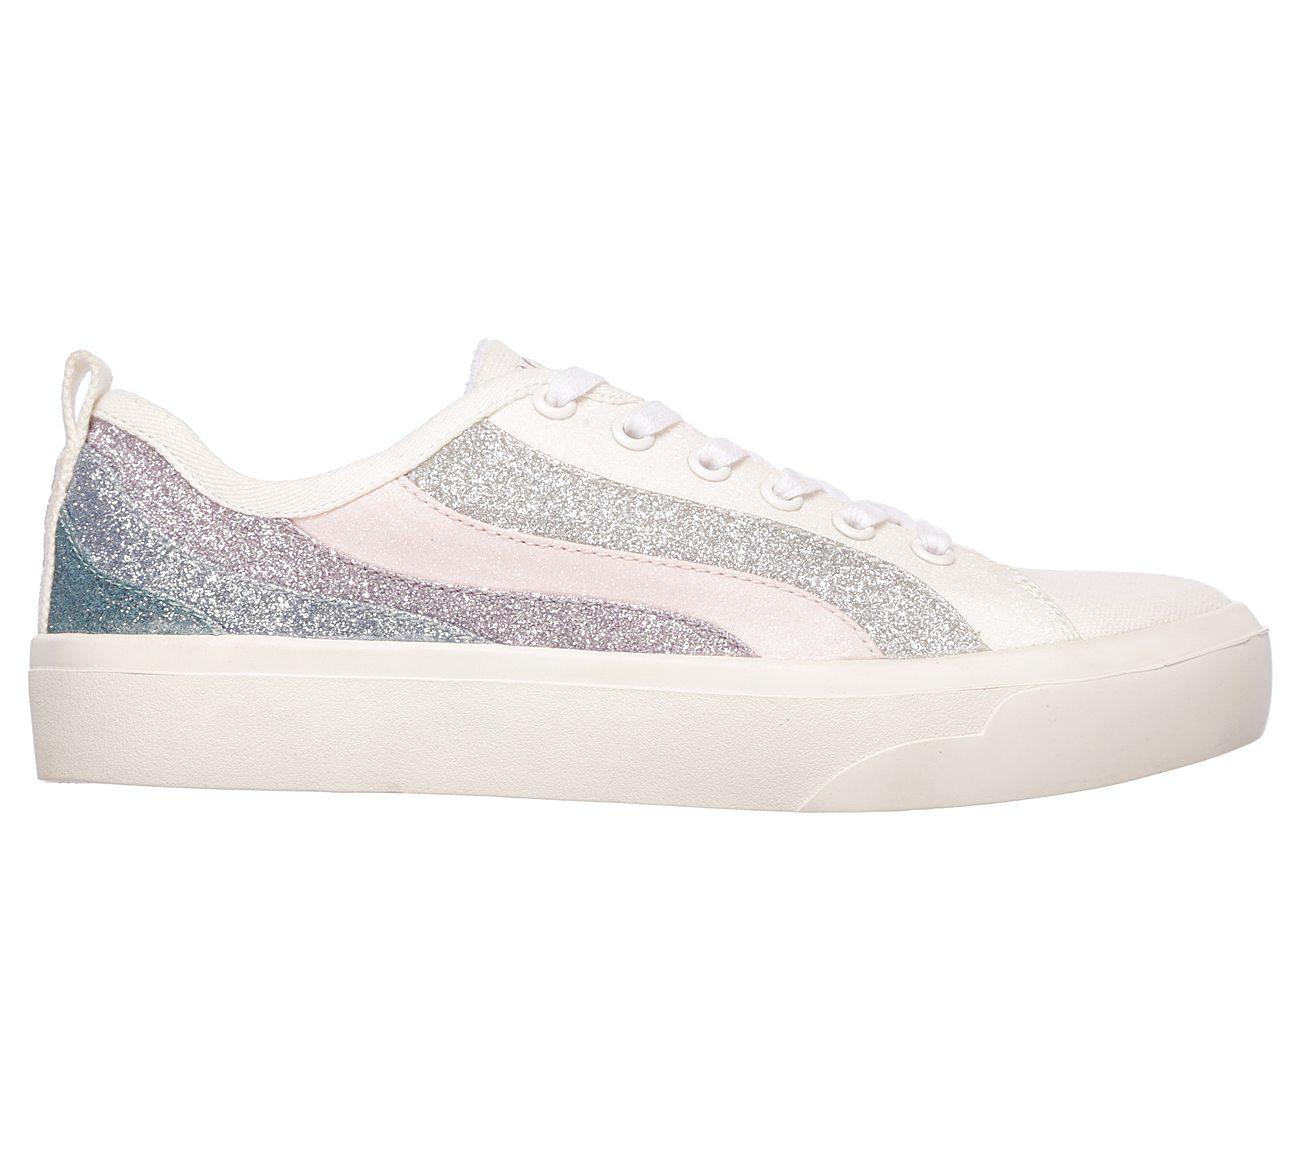 Skechers BOBS Cloudy Glitter Chaser Sneaker (Women's) ka11uJ